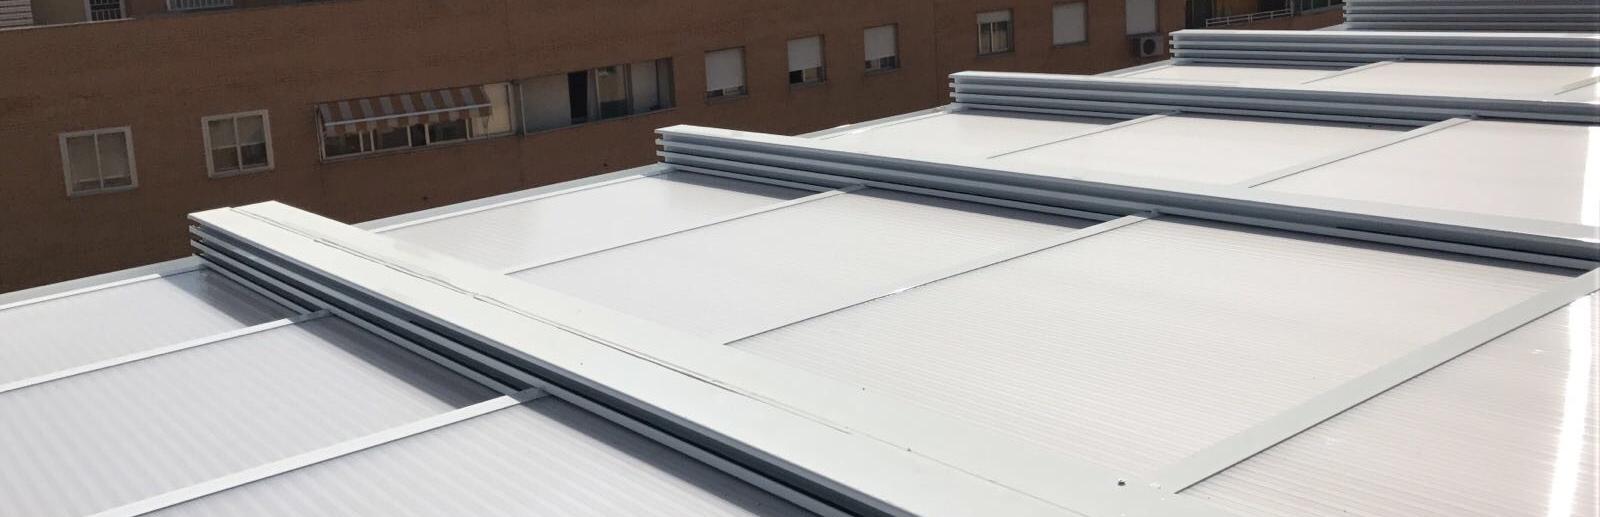 Fabricaci n de techos m viles para terrazas en madrid - Moviles de techo ...